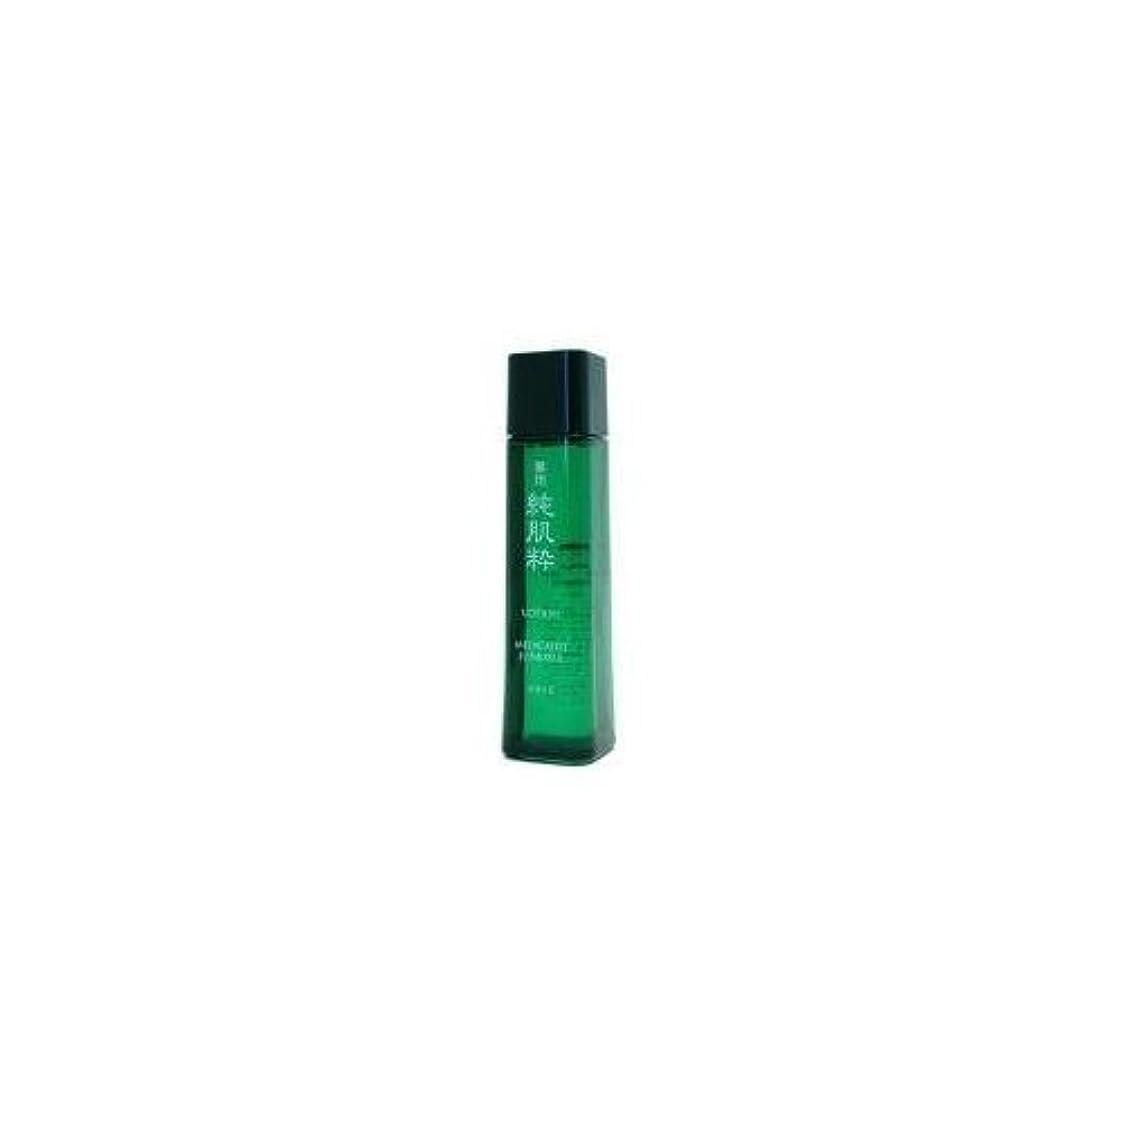 遮るバリケード移動コーセー 薬用 純肌粋 化粧水 150ml